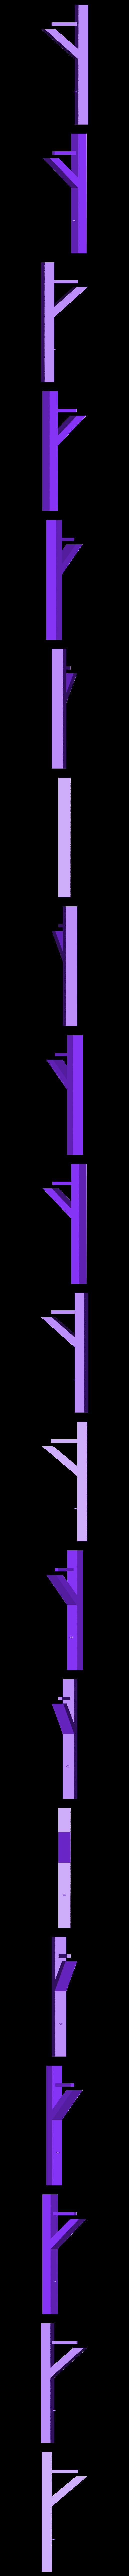 gallows2.stl Télécharger fichier STL gratuit Jeu du pendu • Plan pour imprimante 3D, M3Dr